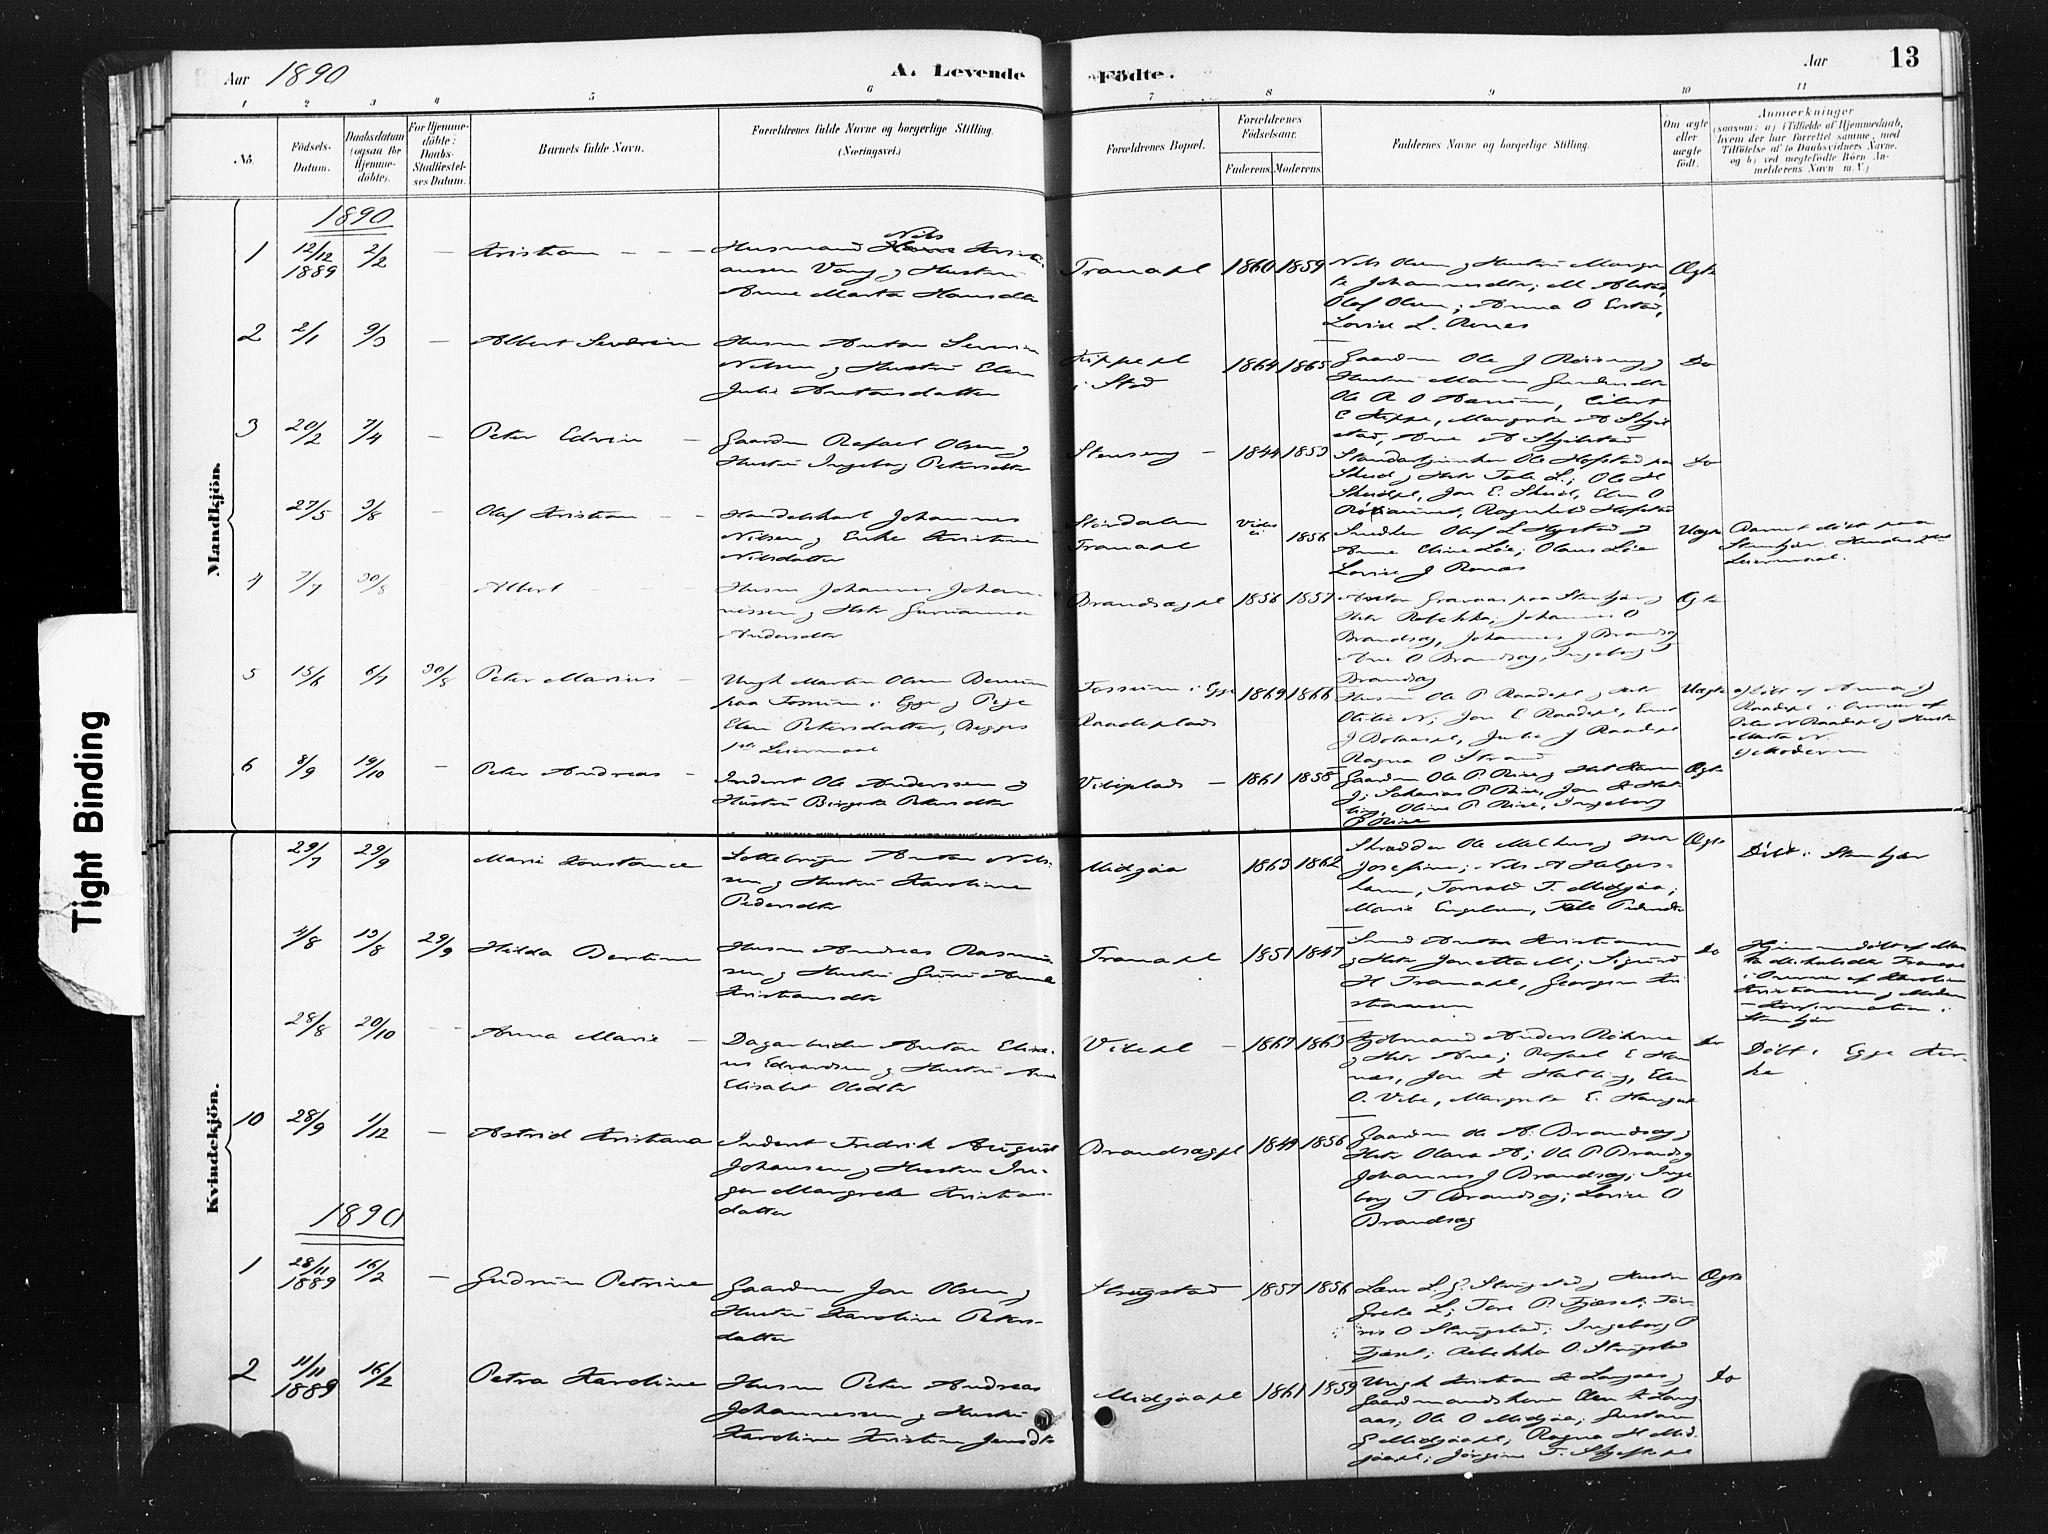 SAT, Ministerialprotokoller, klokkerbøker og fødselsregistre - Nord-Trøndelag, 736/L0361: Ministerialbok nr. 736A01, 1884-1906, s. 13